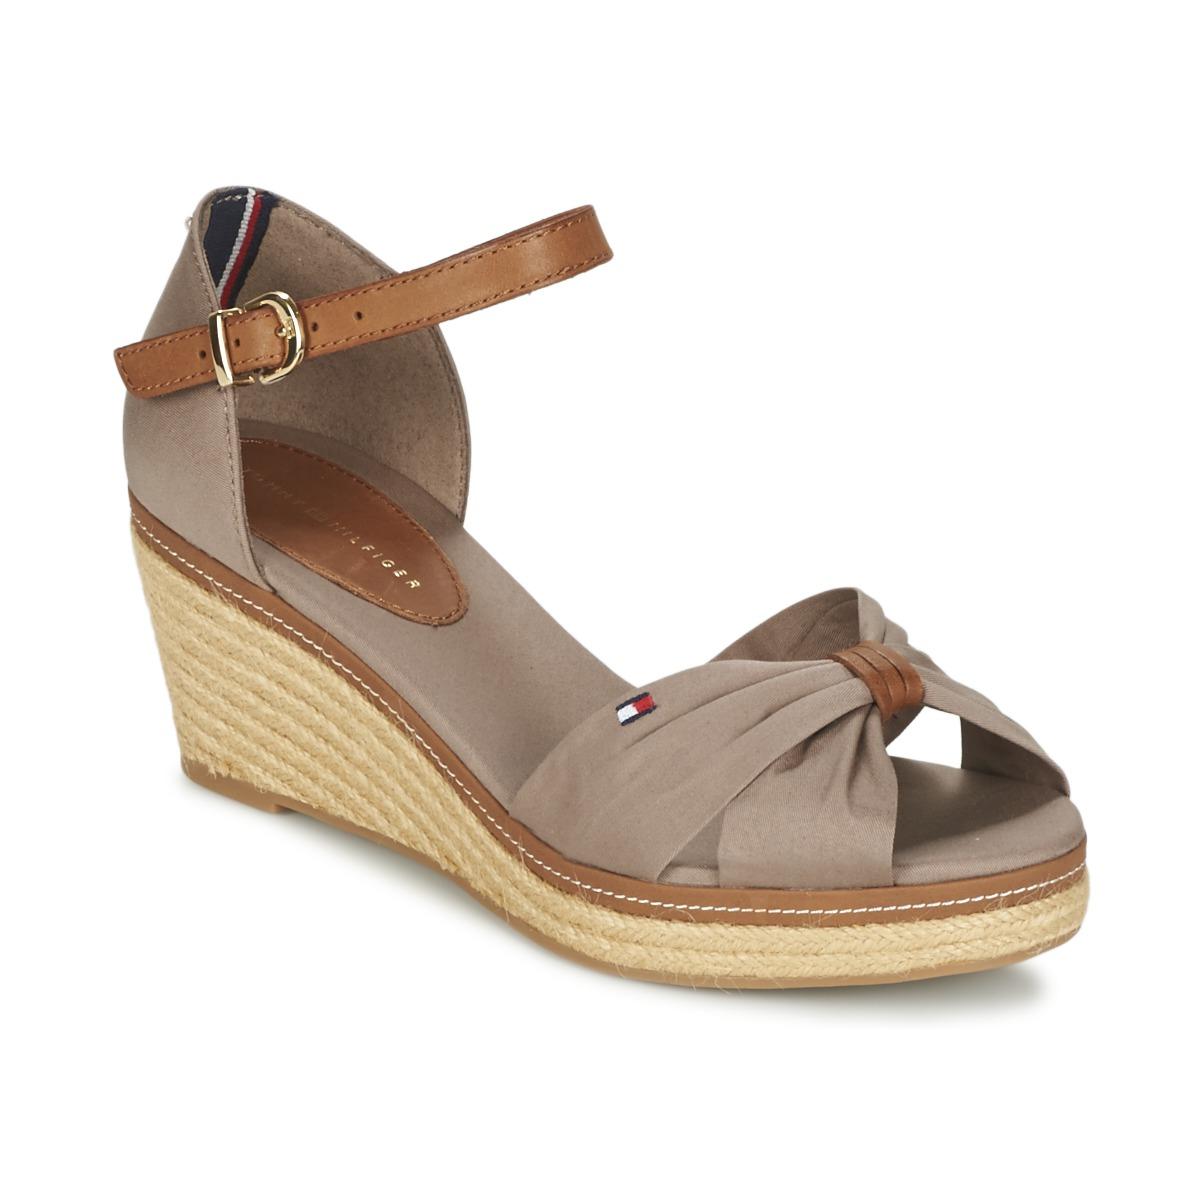 sandales tommy hilfiger elba 19d beige sandales femme spartoo ventes pas. Black Bedroom Furniture Sets. Home Design Ideas